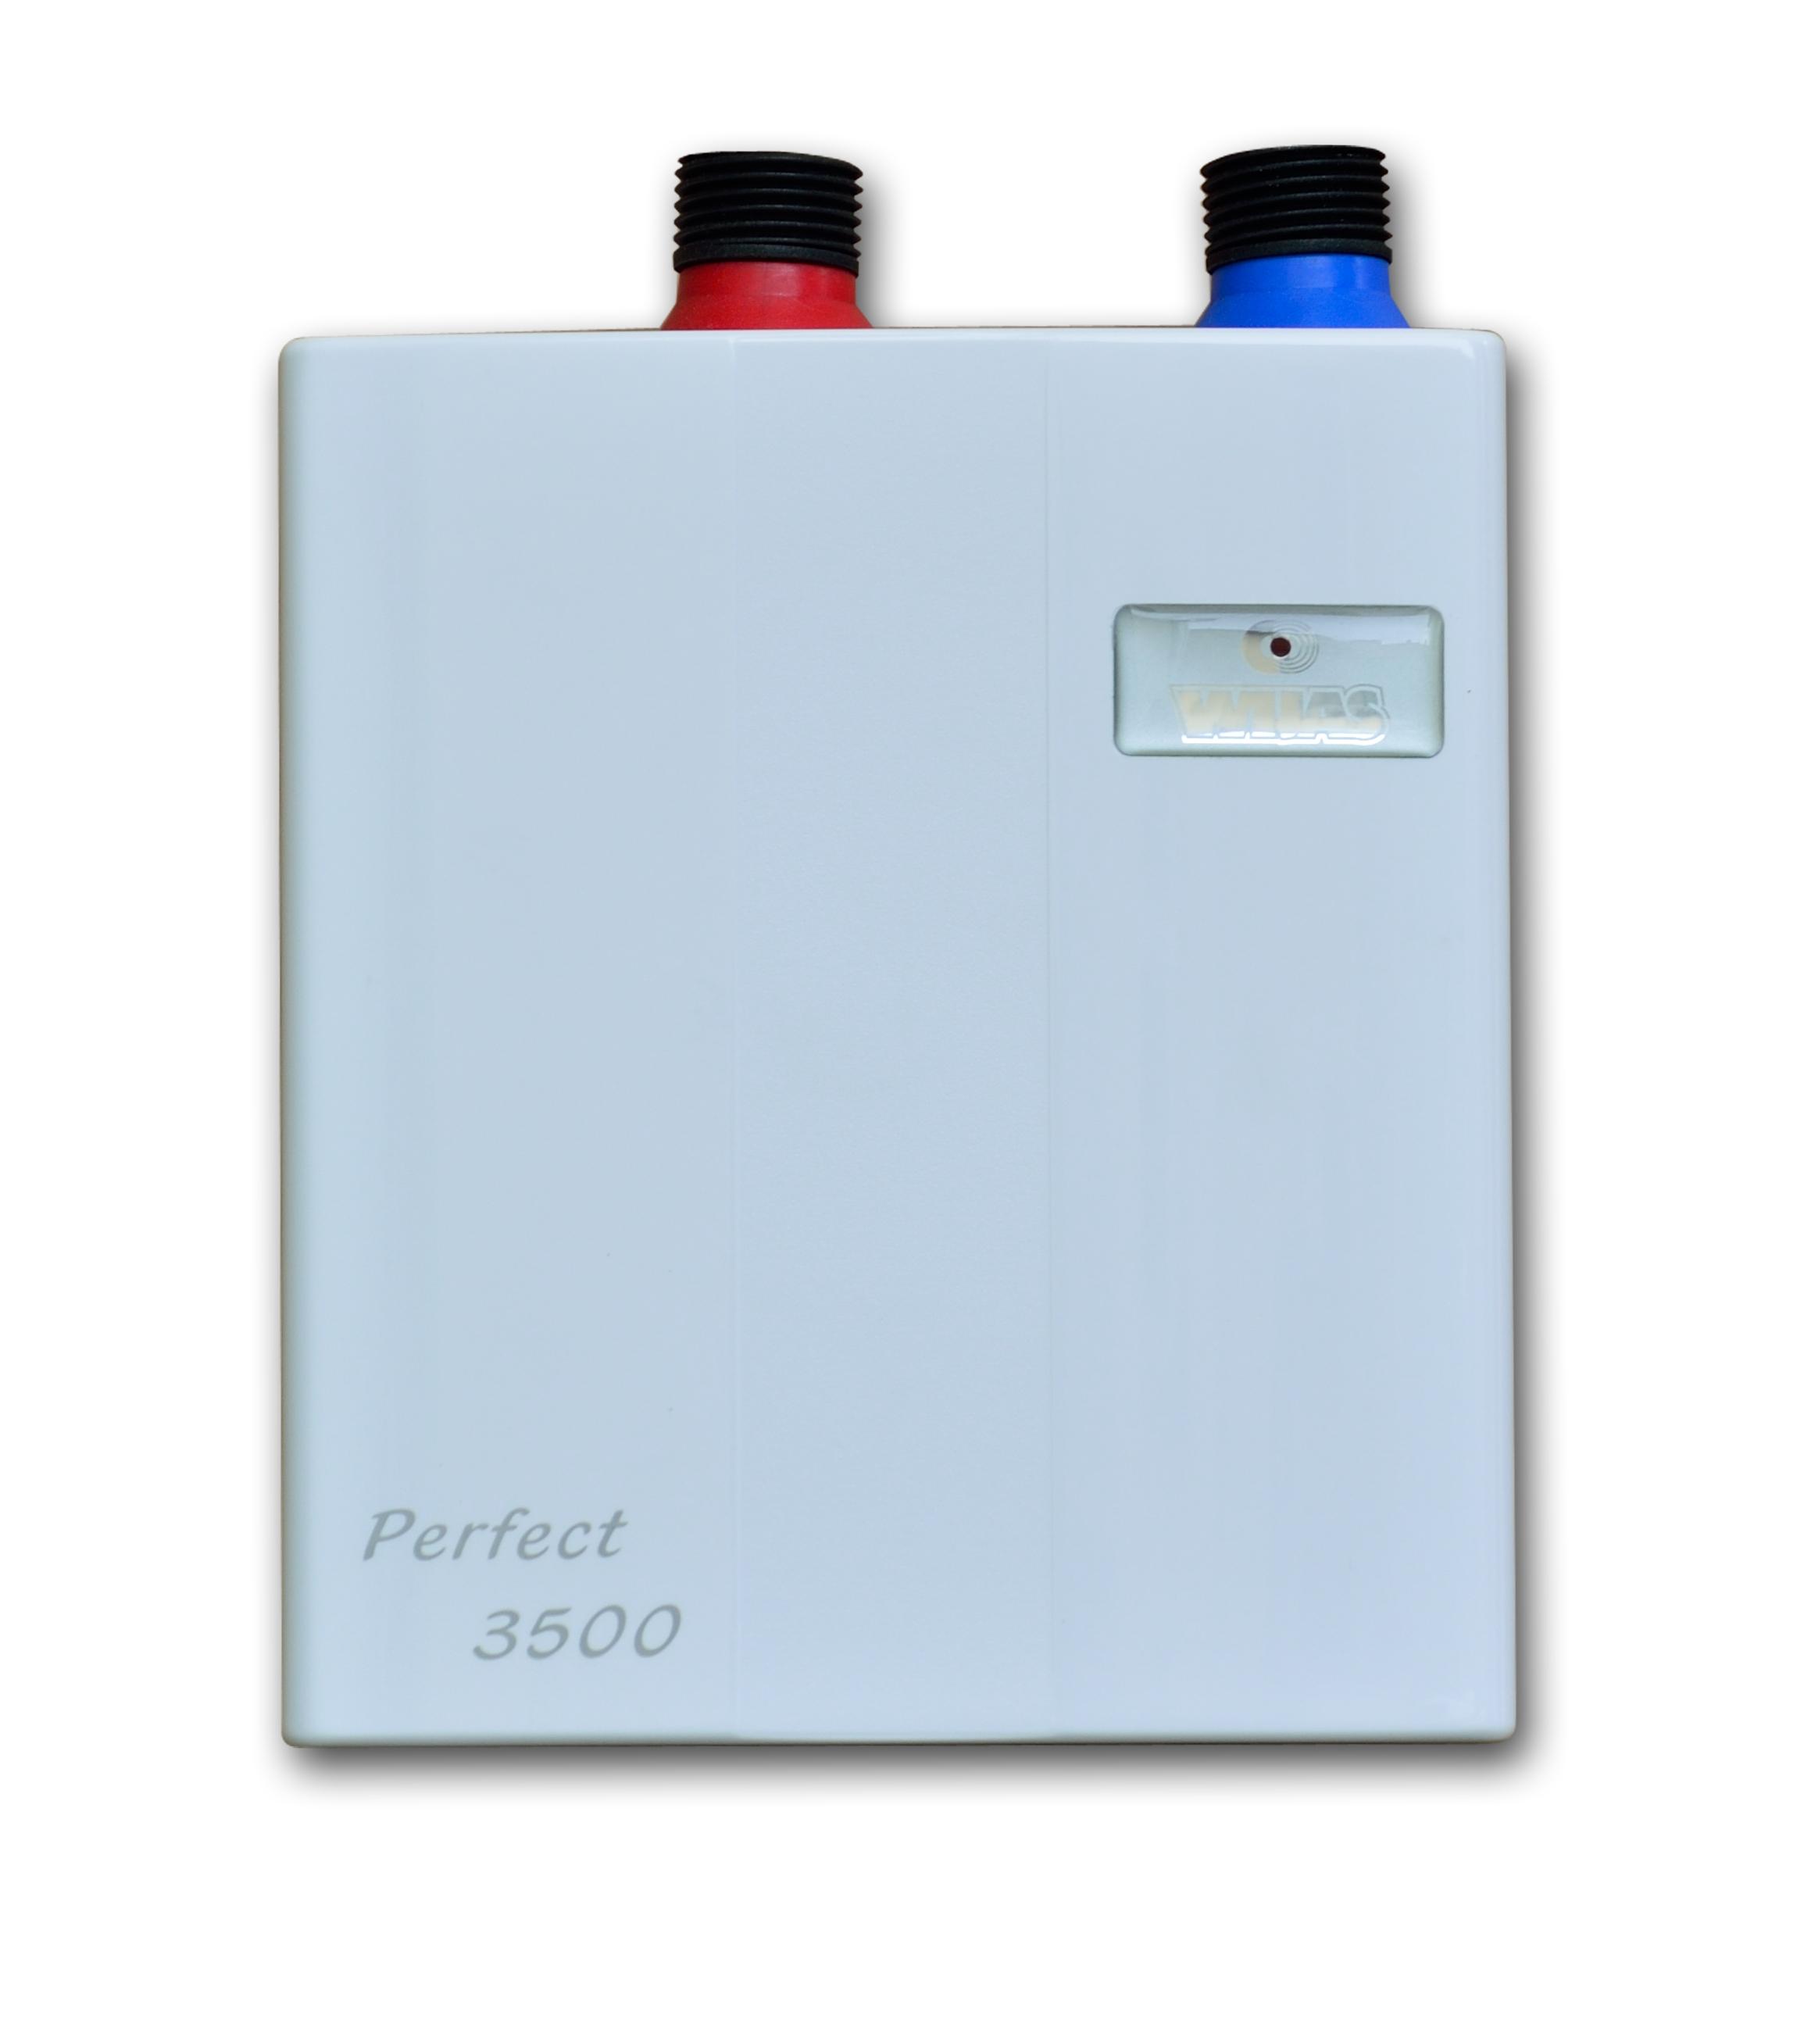 OHŘÍVAČ  Perfect 4,5kW vč.baterie